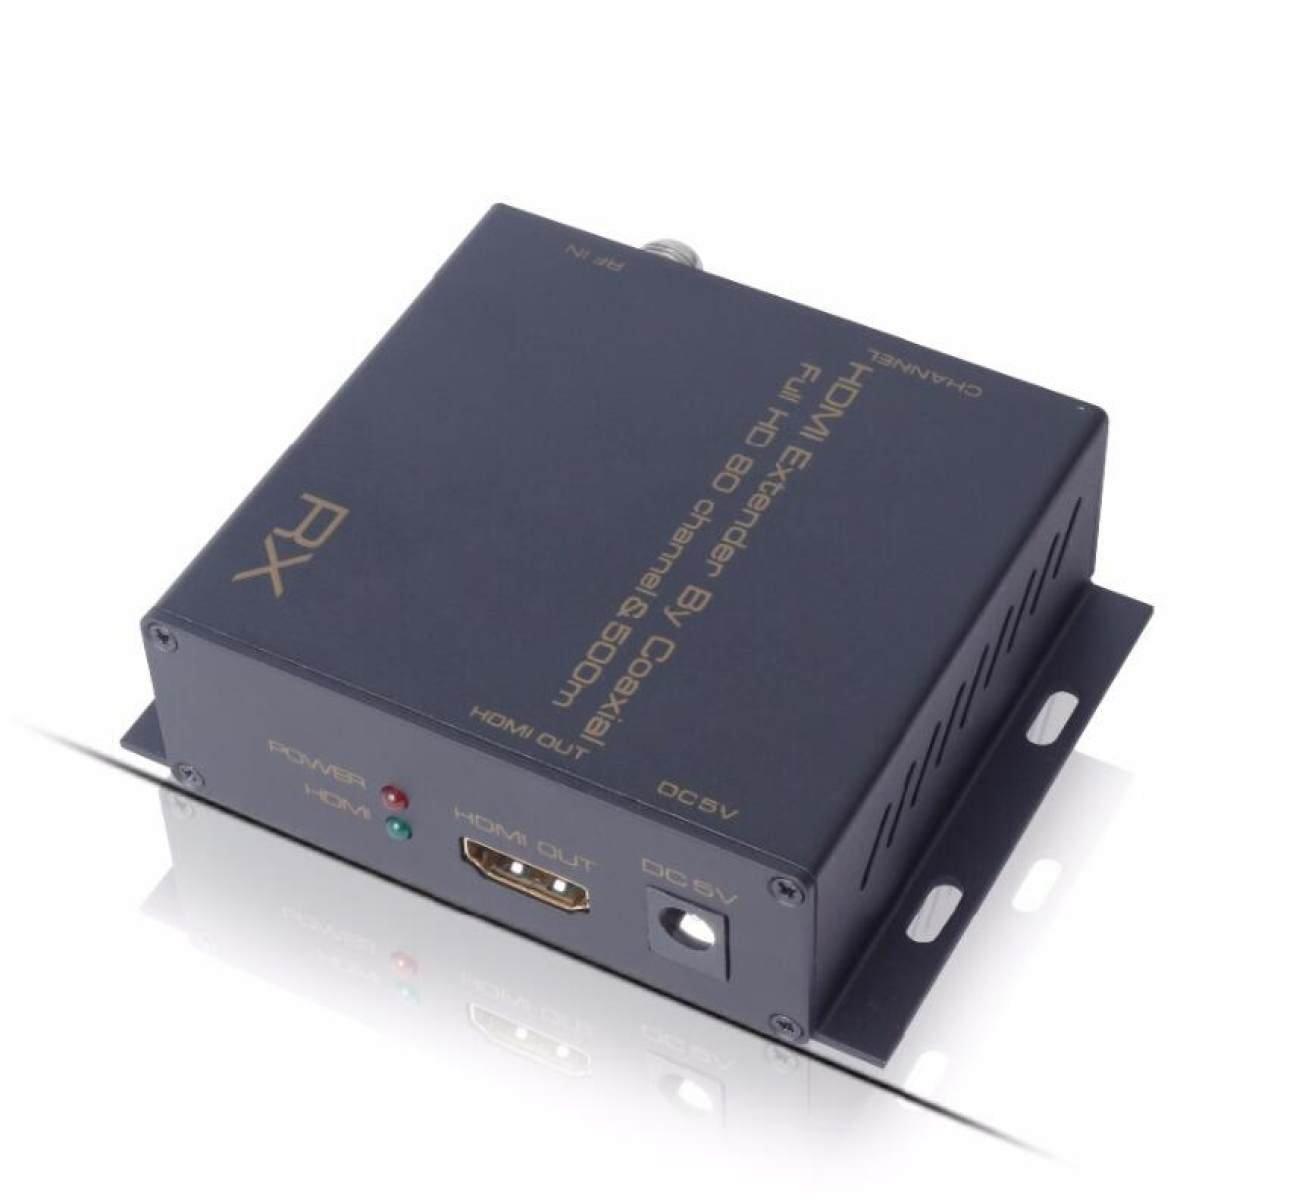 Extensor Coaxial Hdmi Hasta 500m Con Divisor Coaxial Por Cable Coaxial Con 80 Canales Full HD 1080P Ajustable: Amazon.es: Electrónica